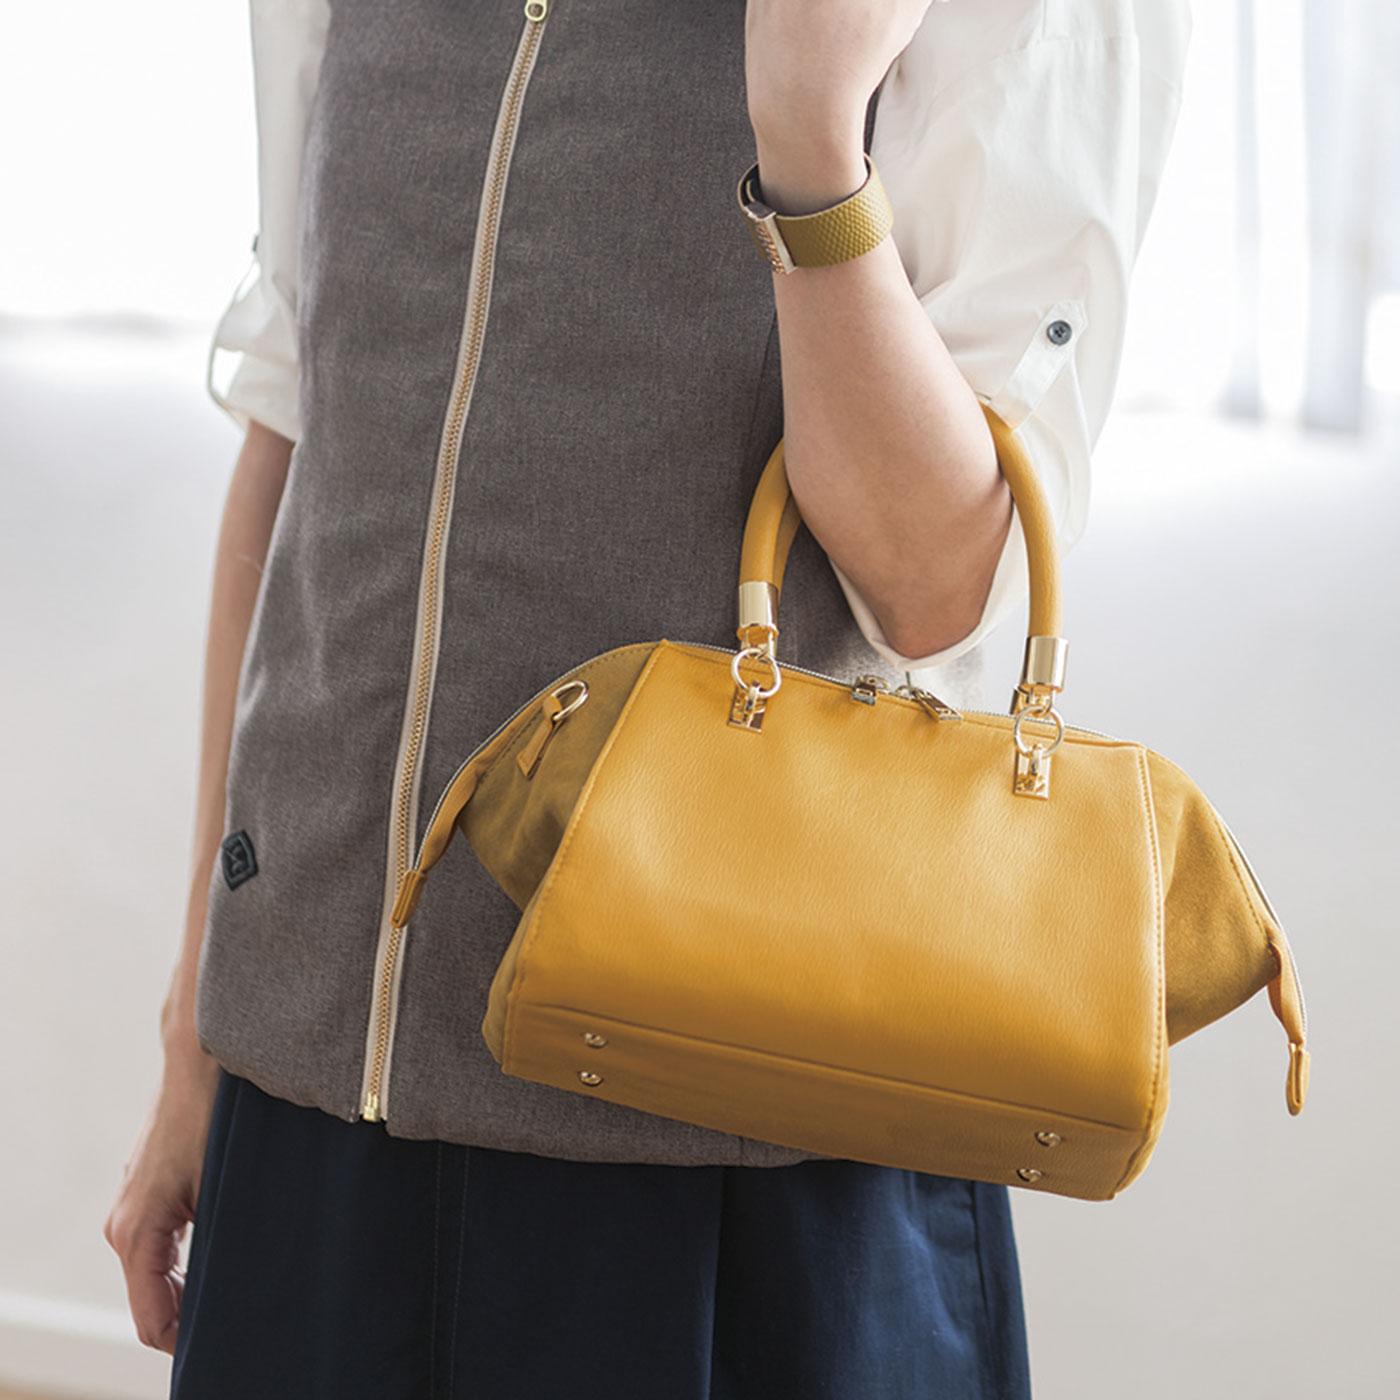 ハンドバッグにしても持ちやすいころんとしたかたち。